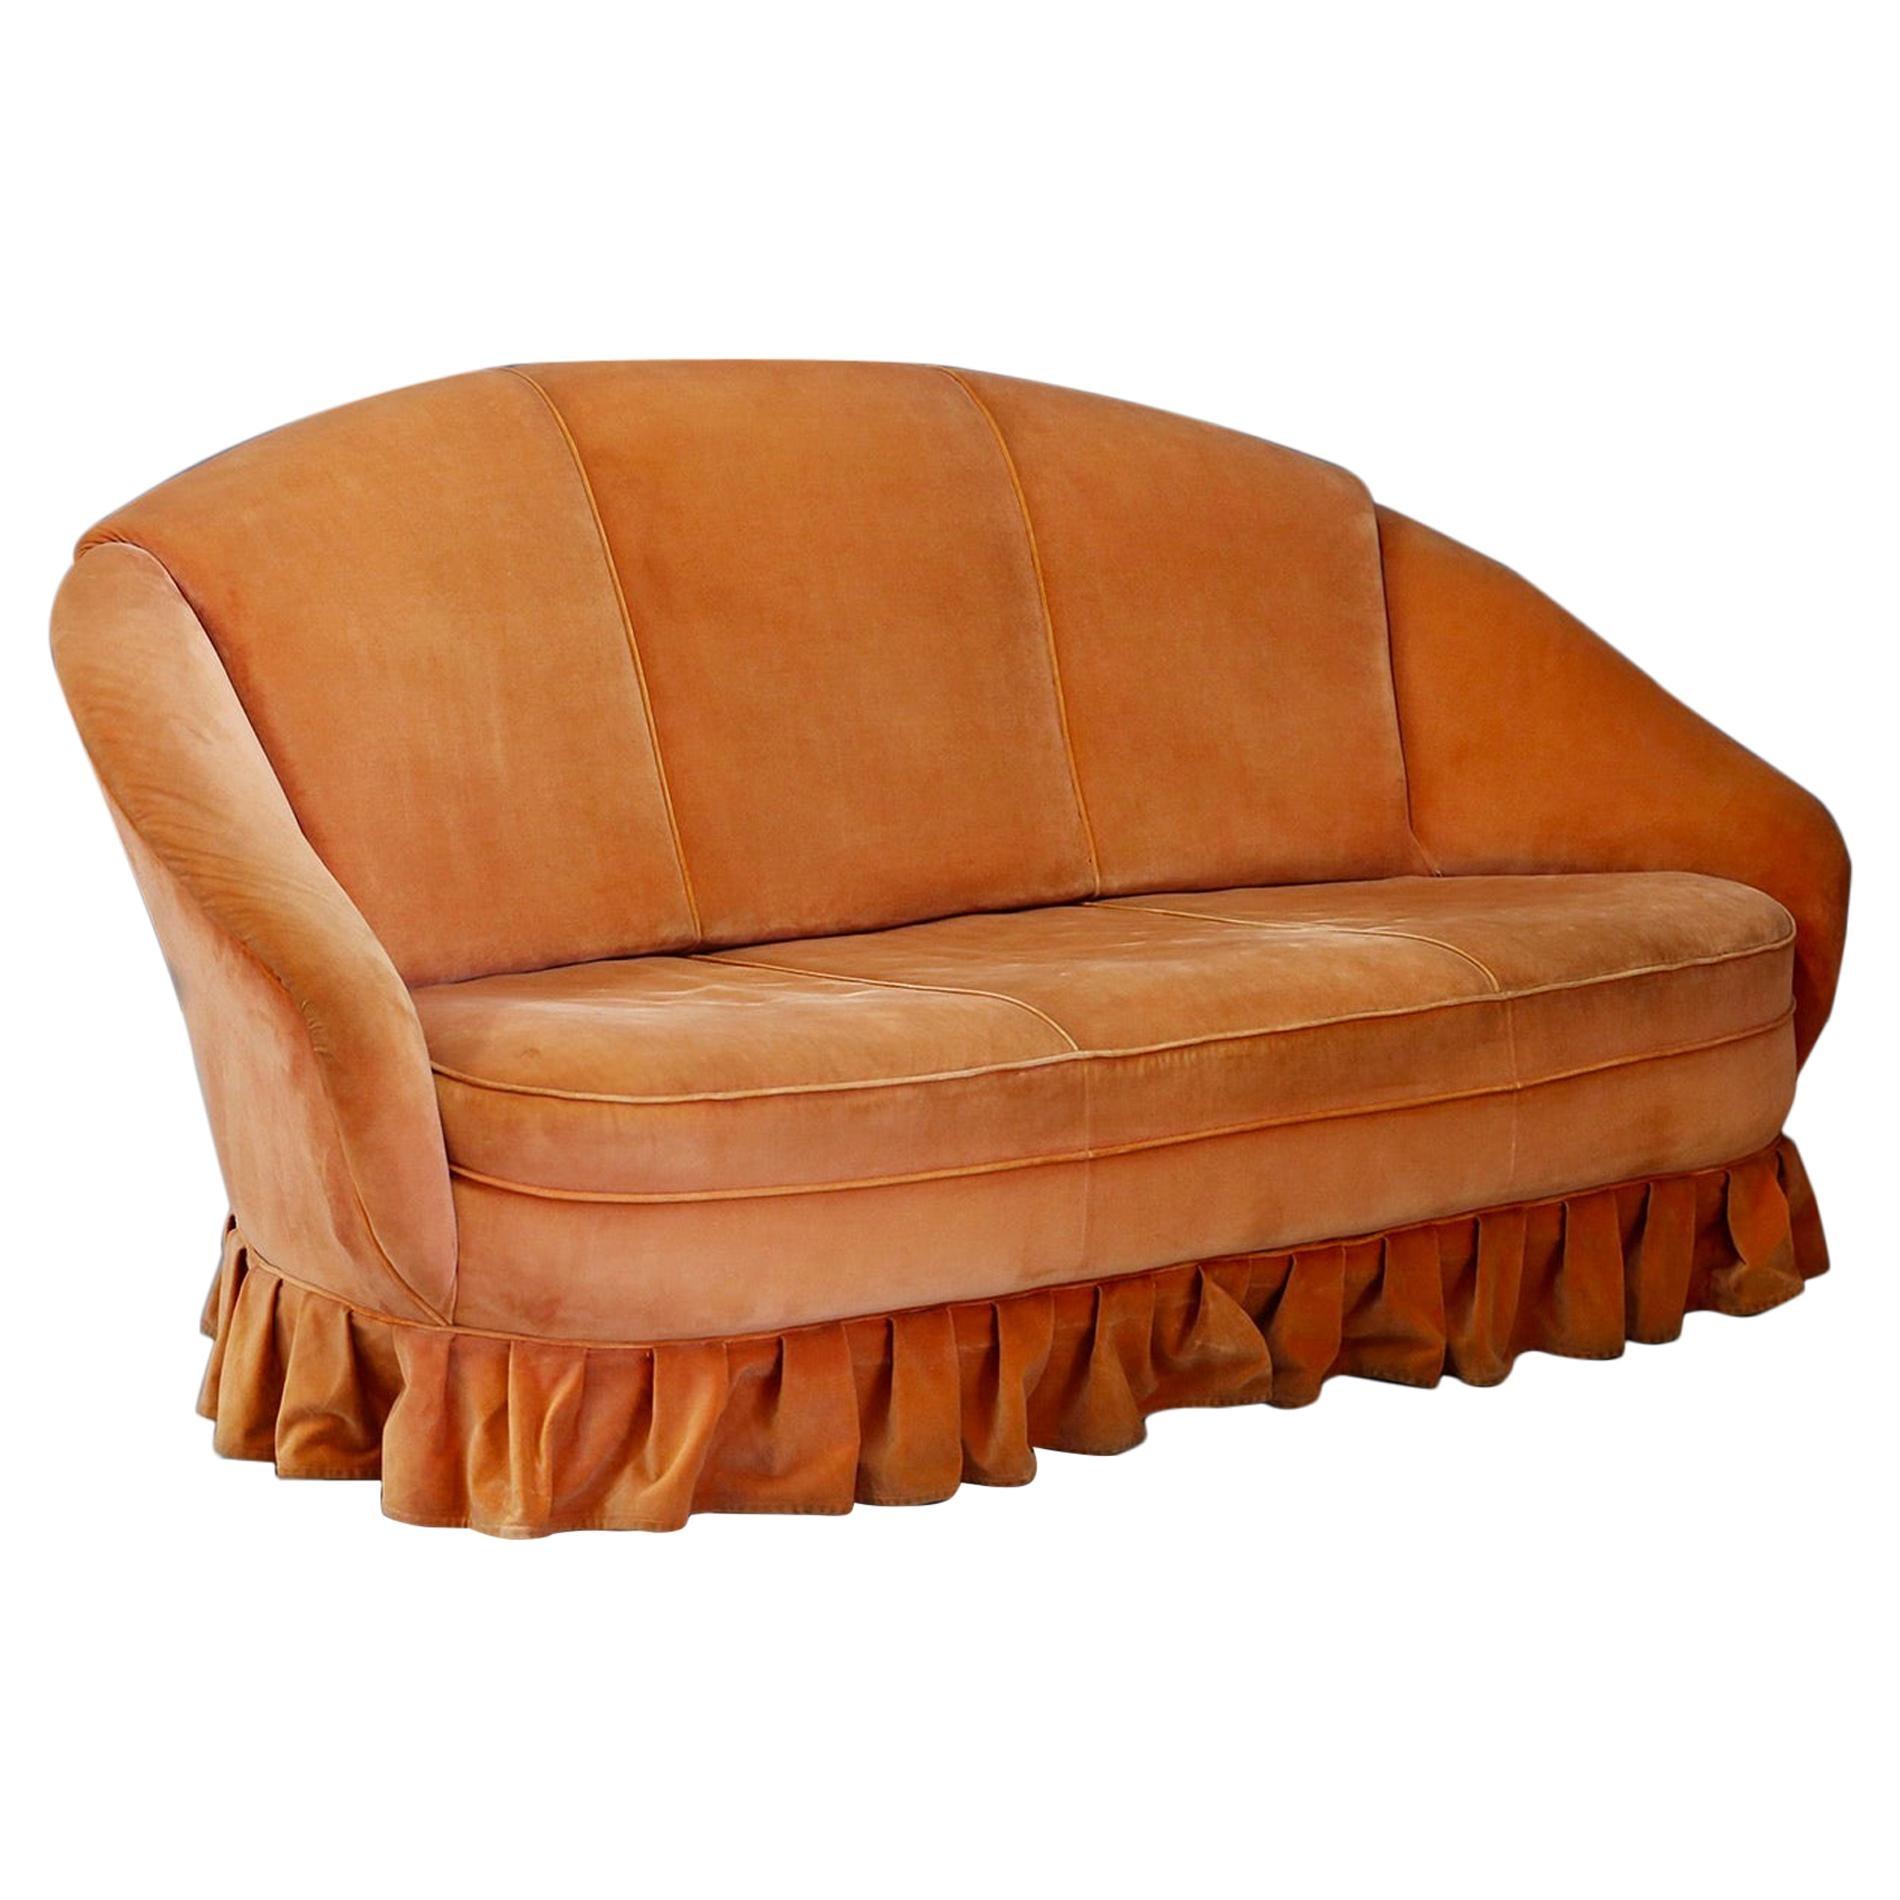 Gio Ponti Midcentury Sofa in Orange Original Velvet, 1930s